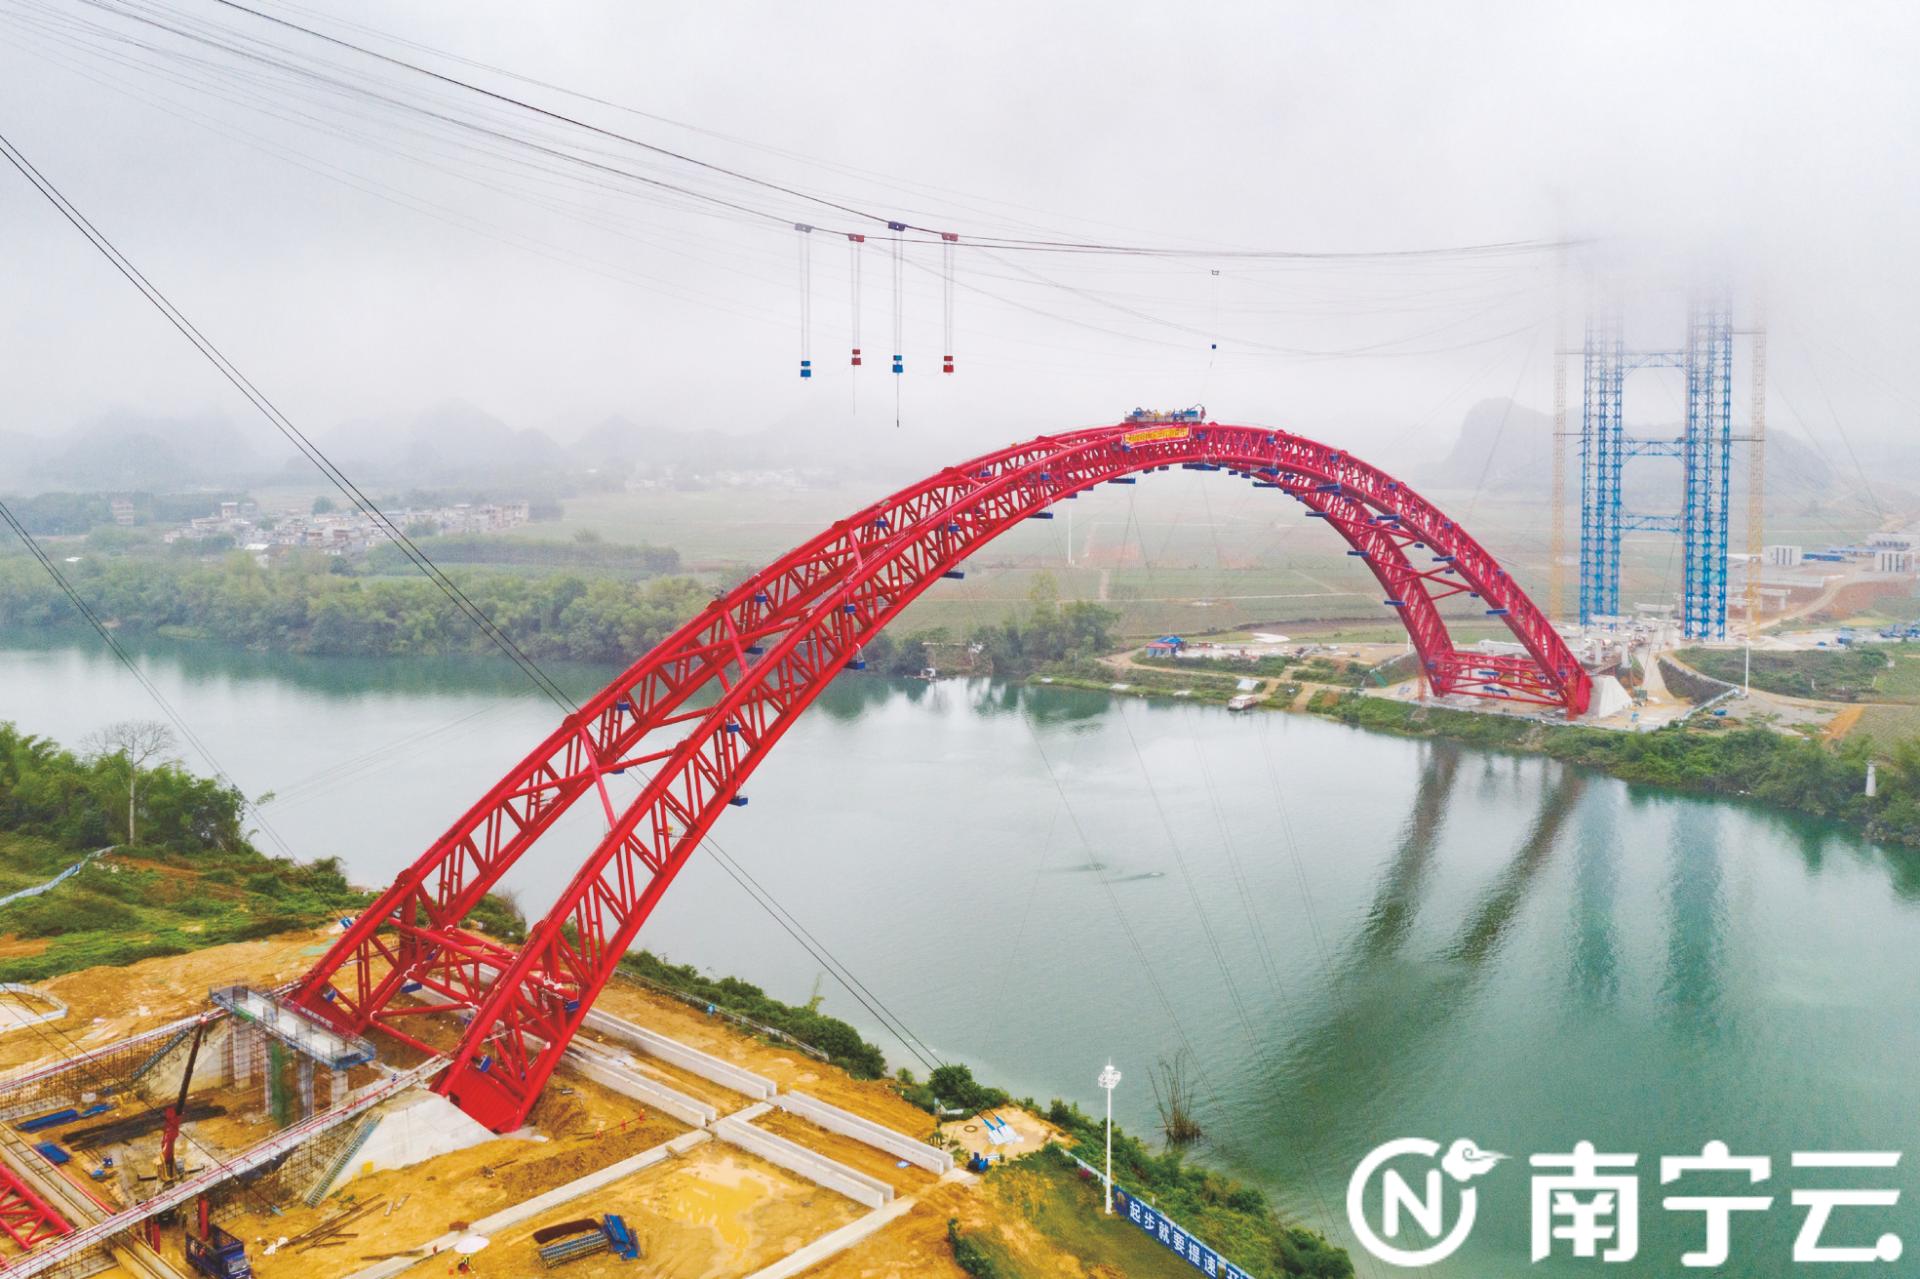 沙尾左江特大桥建设有新进展 吴隆高速公路年底建成通车